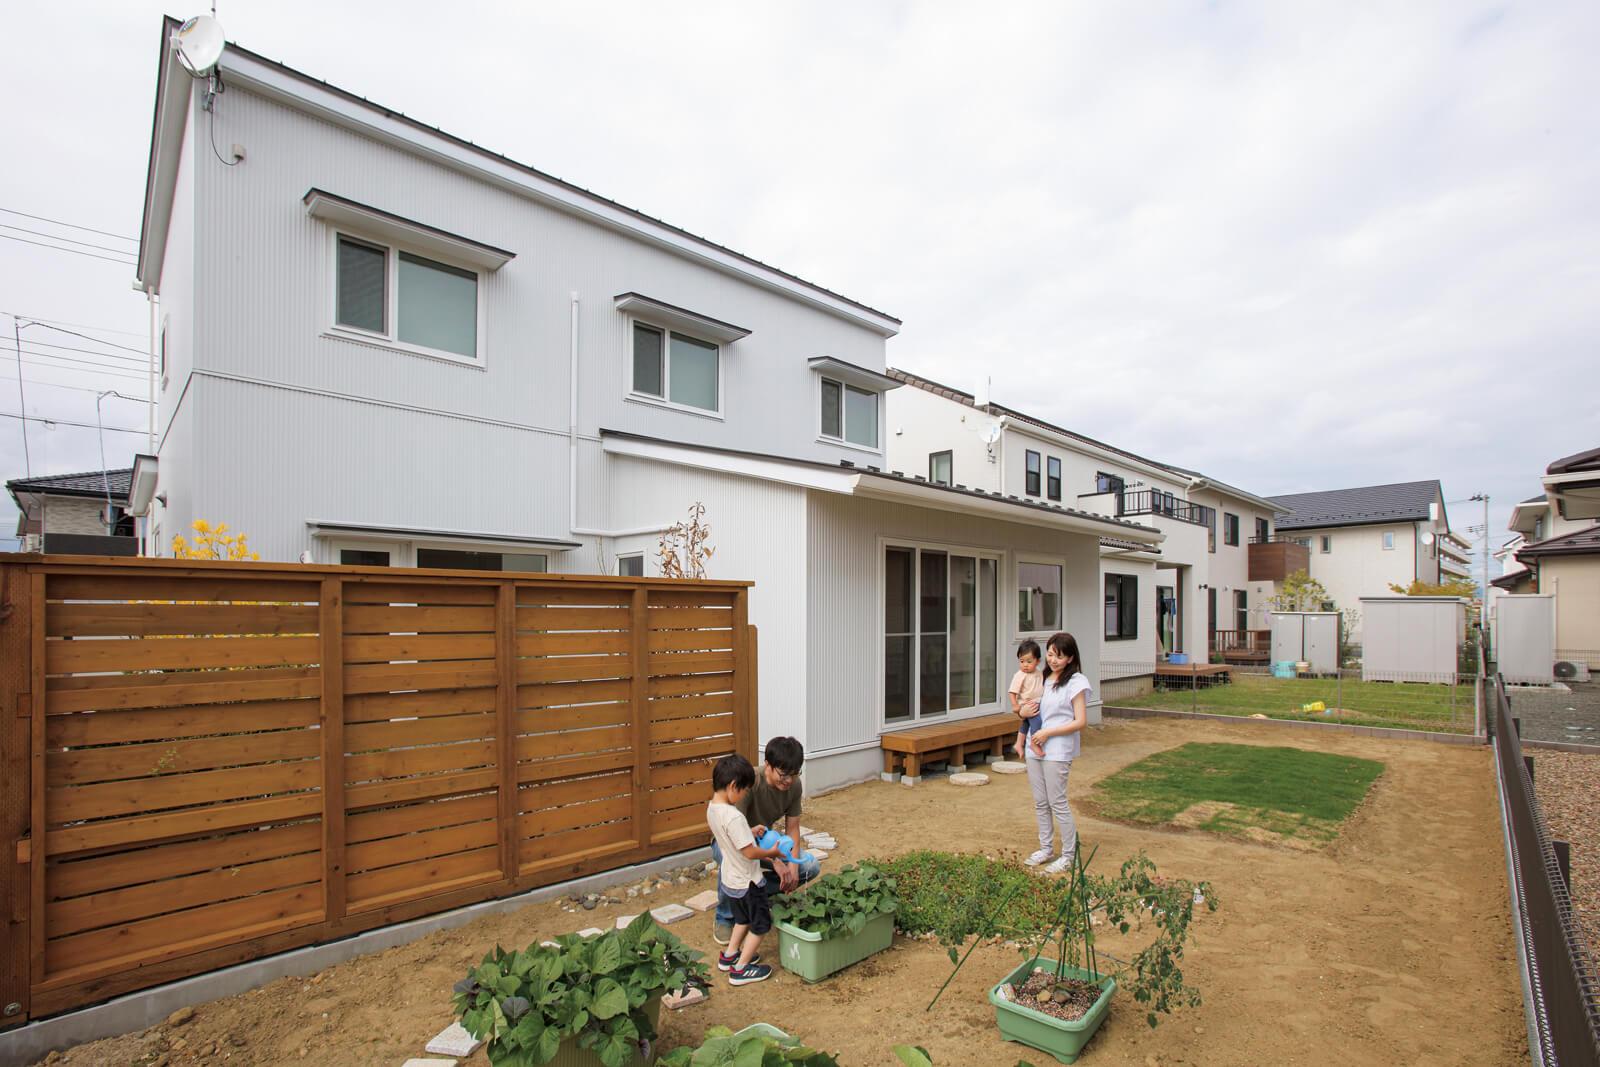 南側から建物を望む。外からの視線を遮るルーバーを設置し、内側に植栽を配置している。現在進行形の庭づくりも家族の楽しいひととき